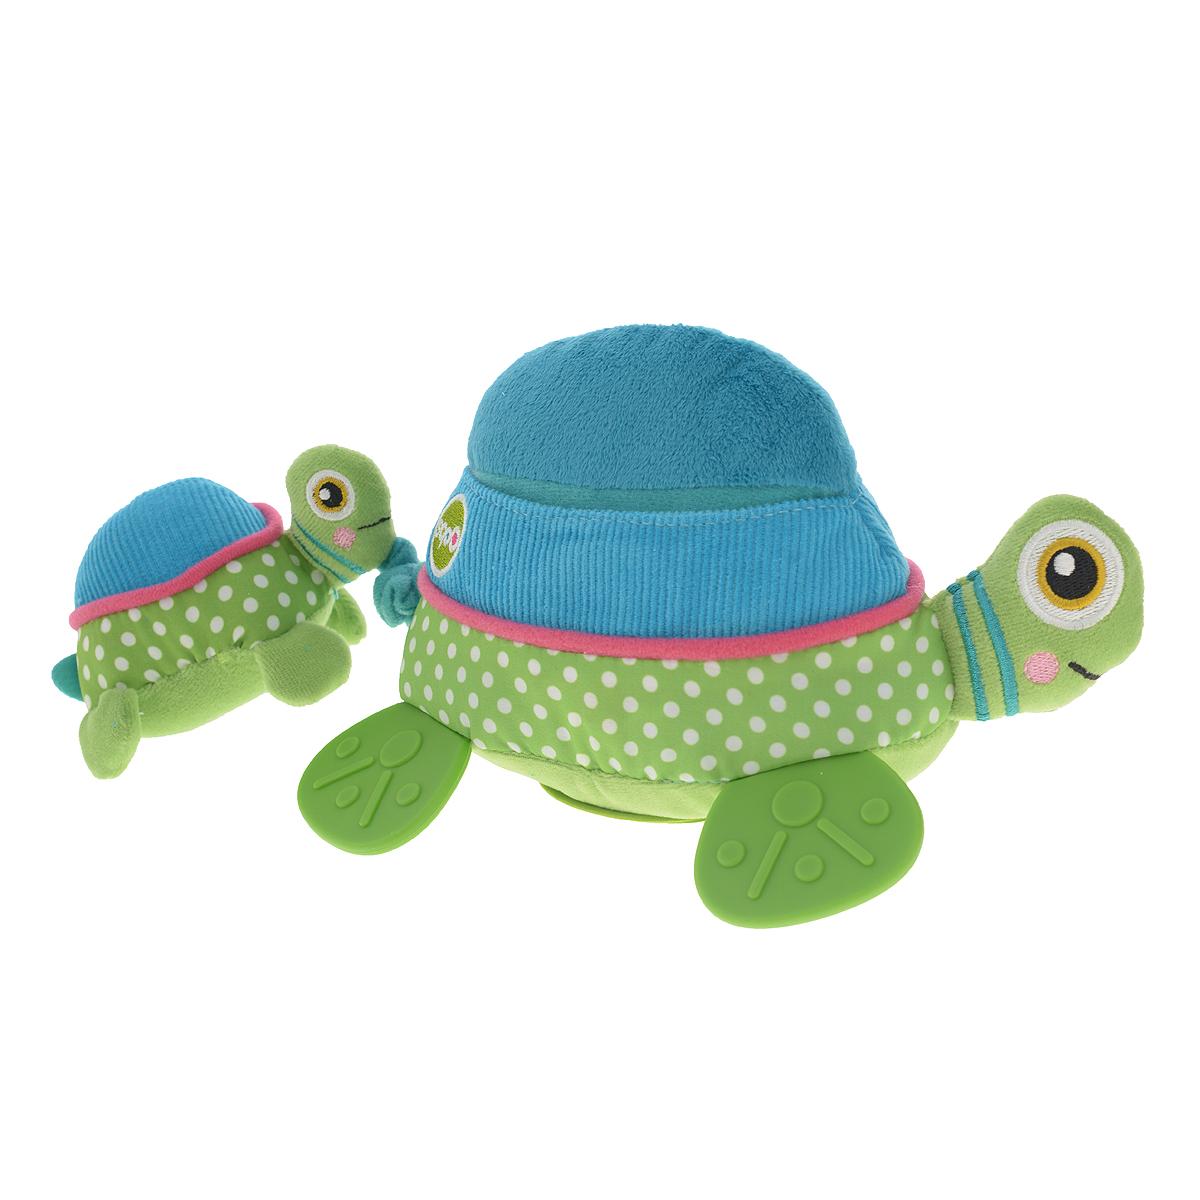 Игрушка развивающая OOPS ЧерепахаO 11006.00Игрушка развивающая OOPS Черепаха изготовлена из разнофактурных высококачественных материалов, безопасных для детей маленького возраста. Игрушка представляет собой черепаху-маму с маленьким детенышем. Если детеныша потянуть назад, то она опять притянется к черепахе-маме, причем игрушка будет вибрировать. На дне черепахи-мамы расположена пластиковая вставка с зеркальной поверхностью. Детеныш оснащен пищалкой. Игрушка мягкая, ее приятно сжимать и трогать. Нежная на ощупь поверхность и новые приятные цвета развивают органы чувств вашего малыша. Развивающая игрушка OOPS Черепаха способствует развитию мелкой моторики и зрительно-цветовому восприятию. Такая игрушка обязательно понравится вашему ребенку.